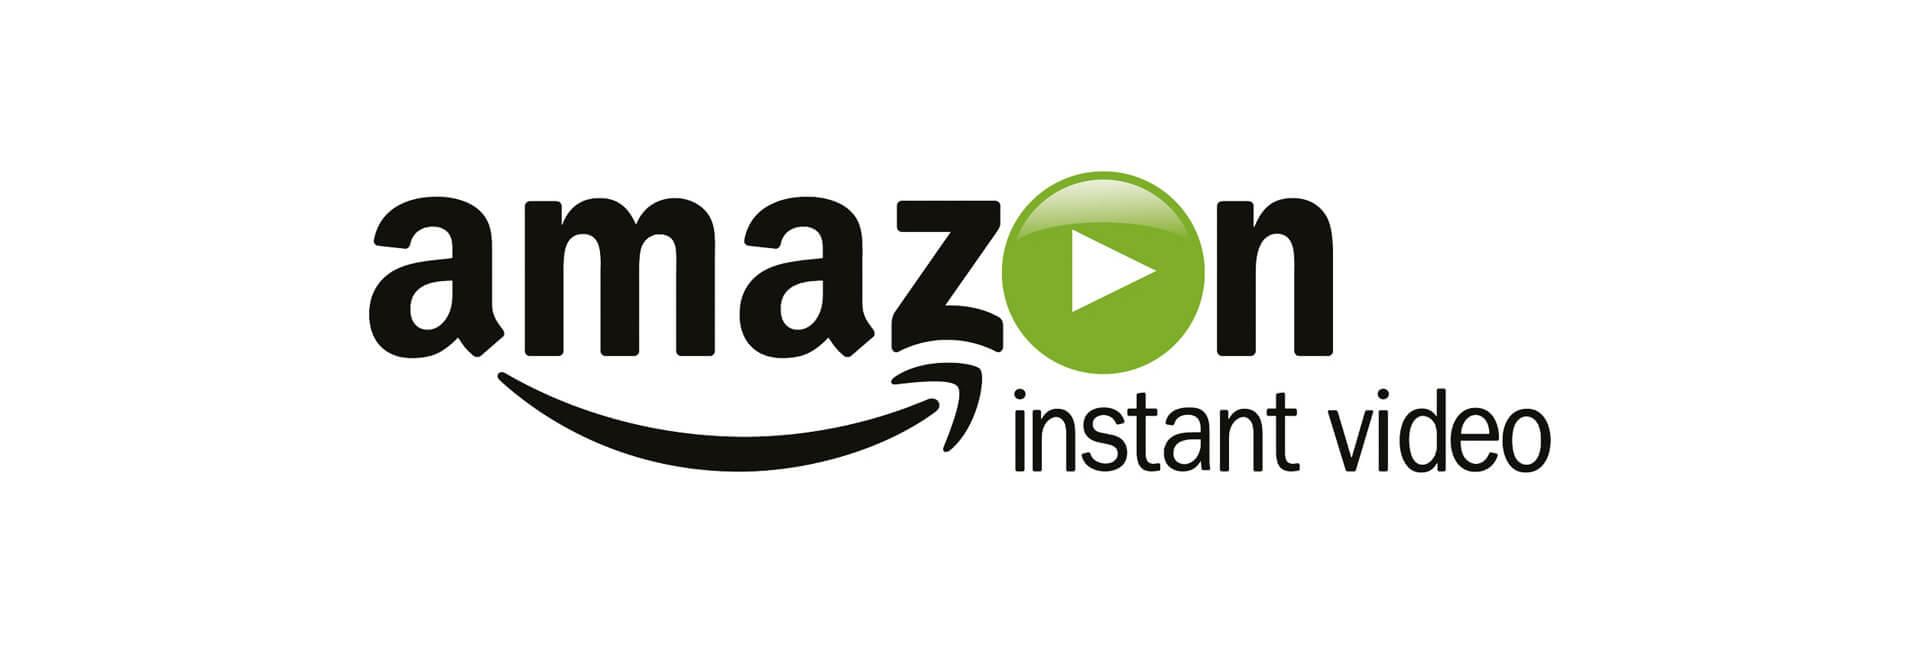 Amazone Instant Video